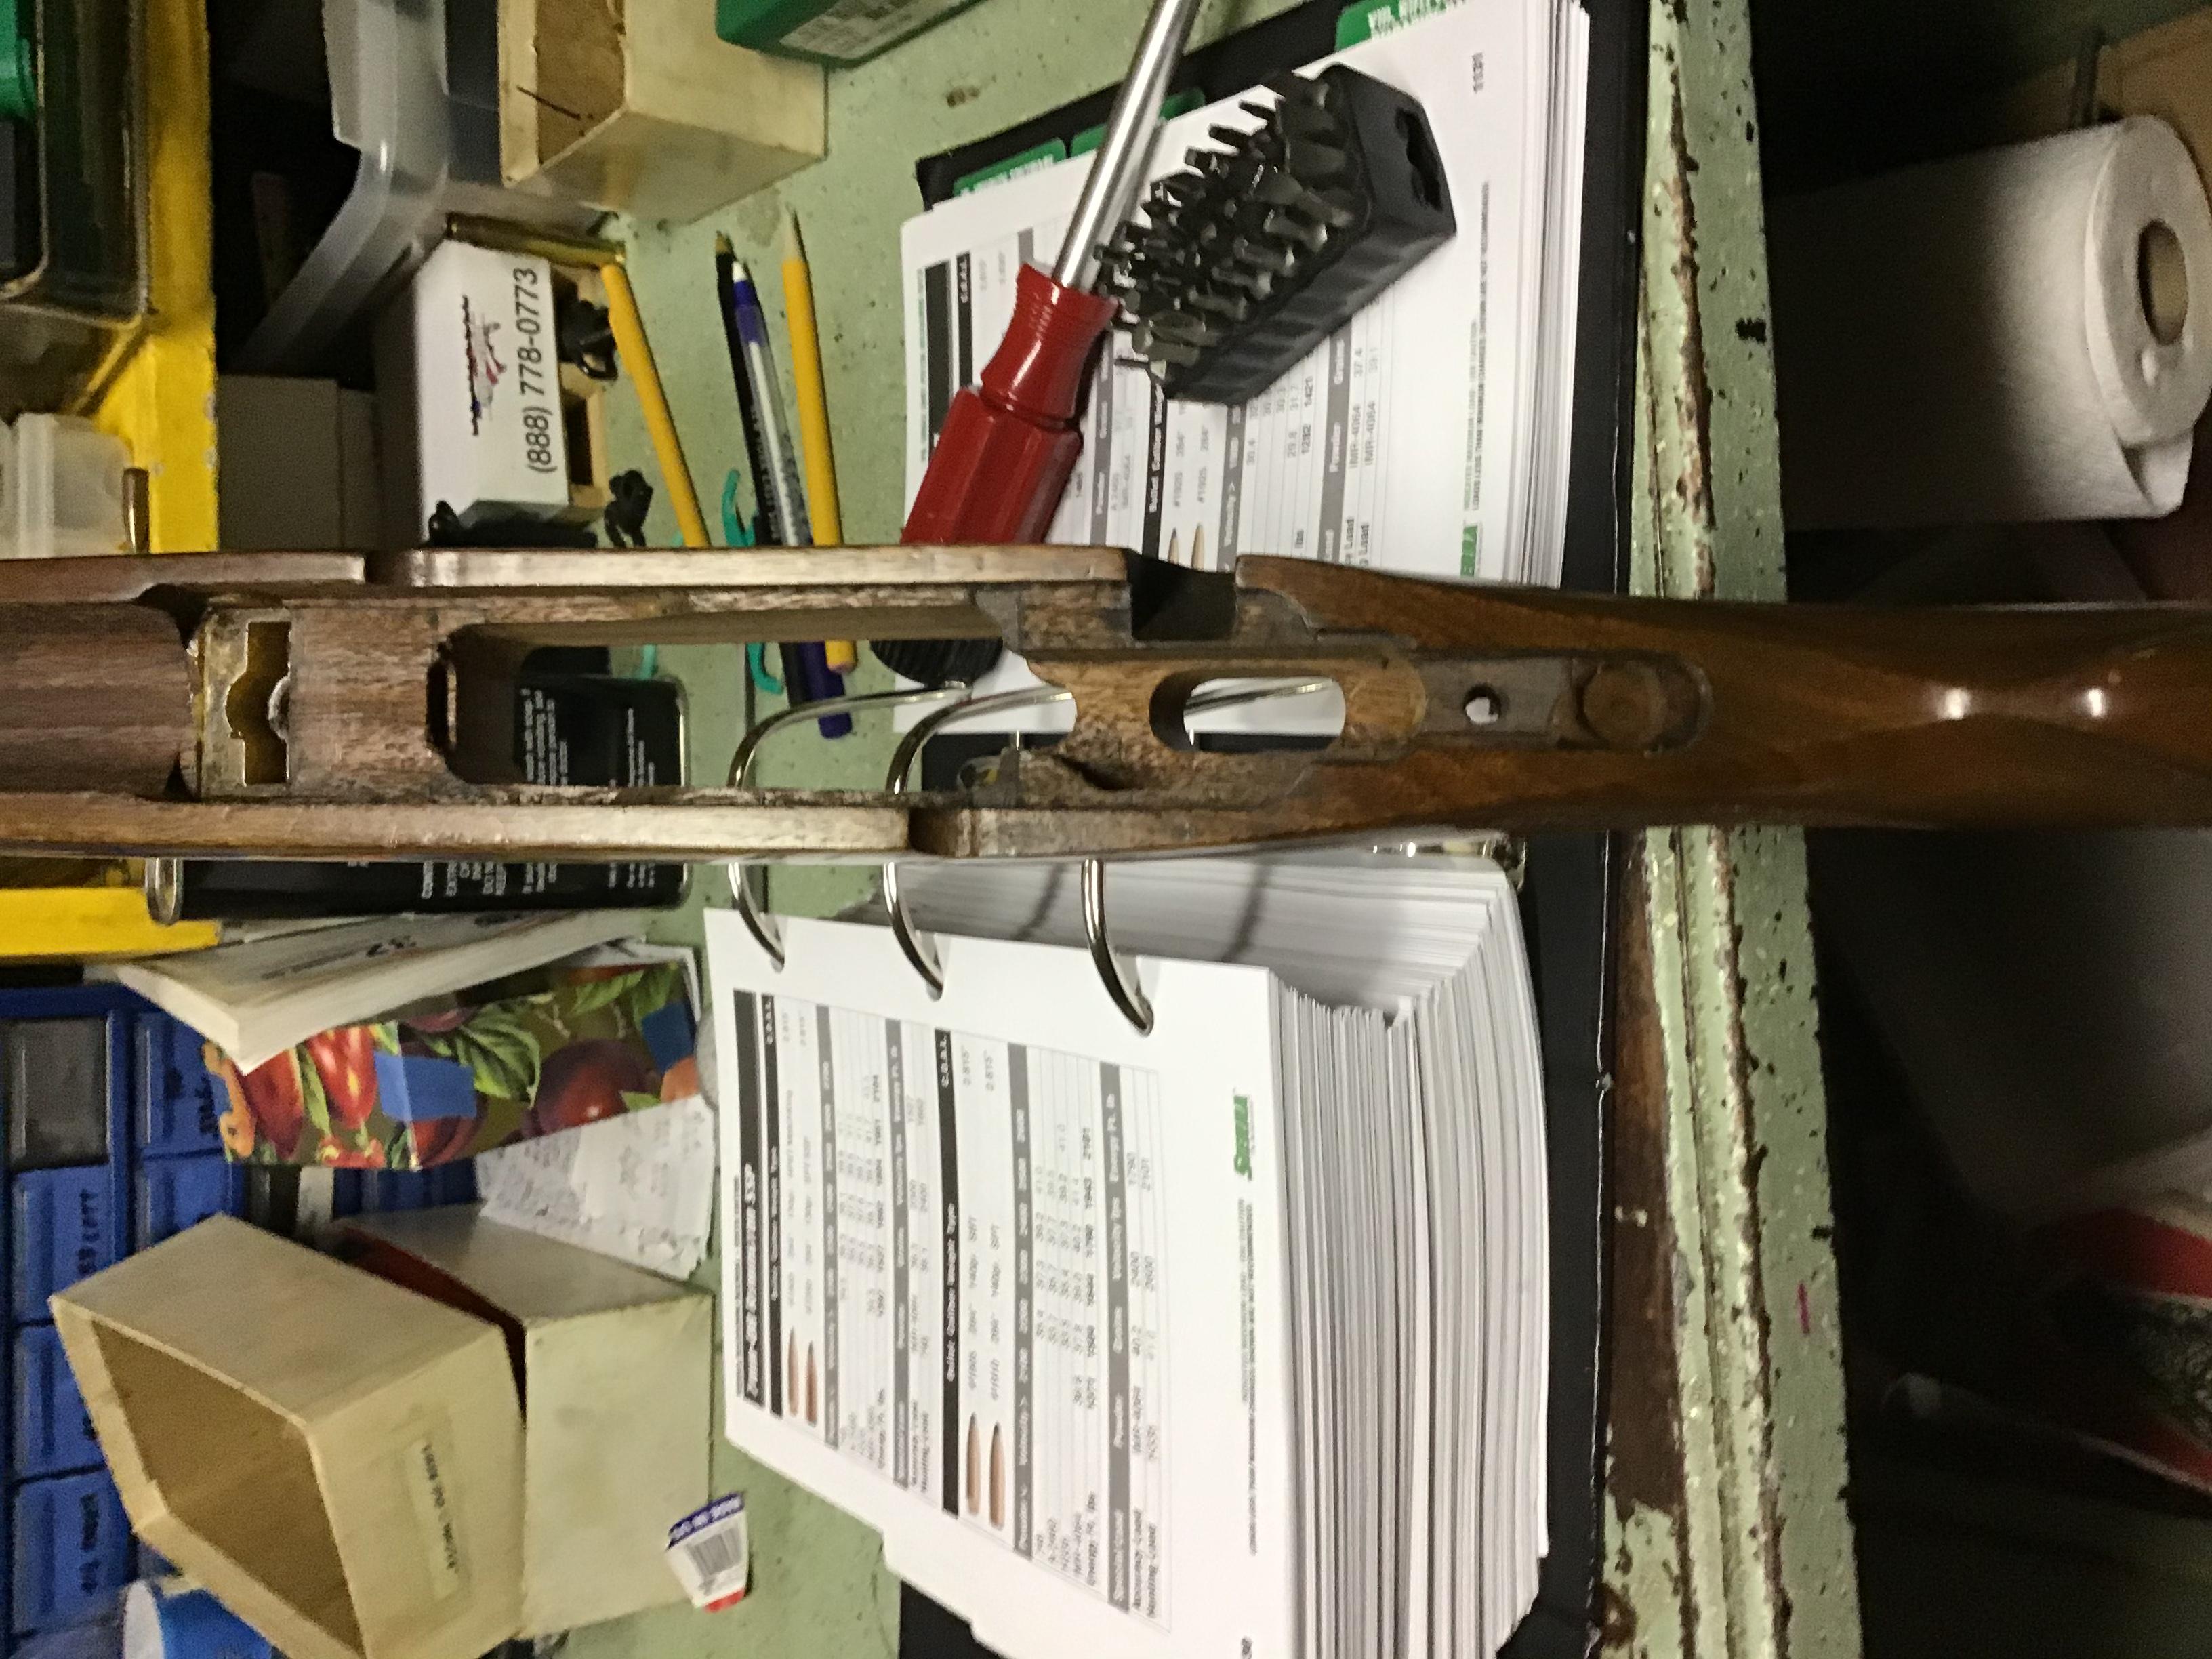 9DAC6541-7A5A-4F60-80A4-0F718AD921F9.jpeg